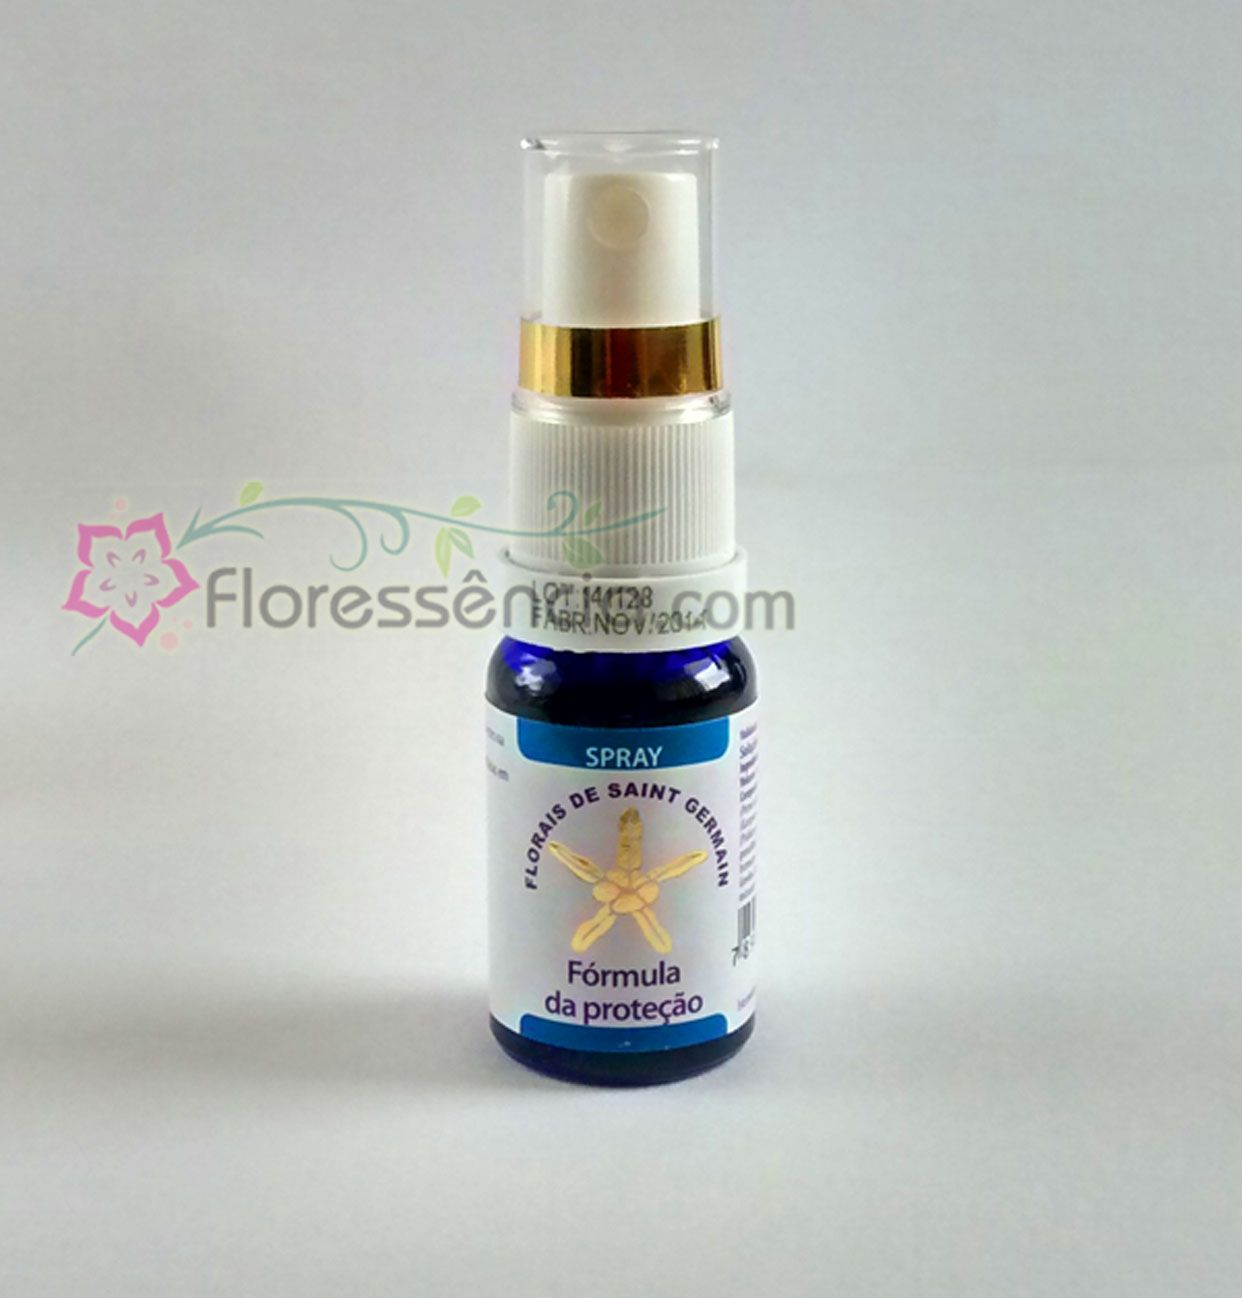 Fórmula da Proteção Spray  uso oral - 10 ml  - Floressência